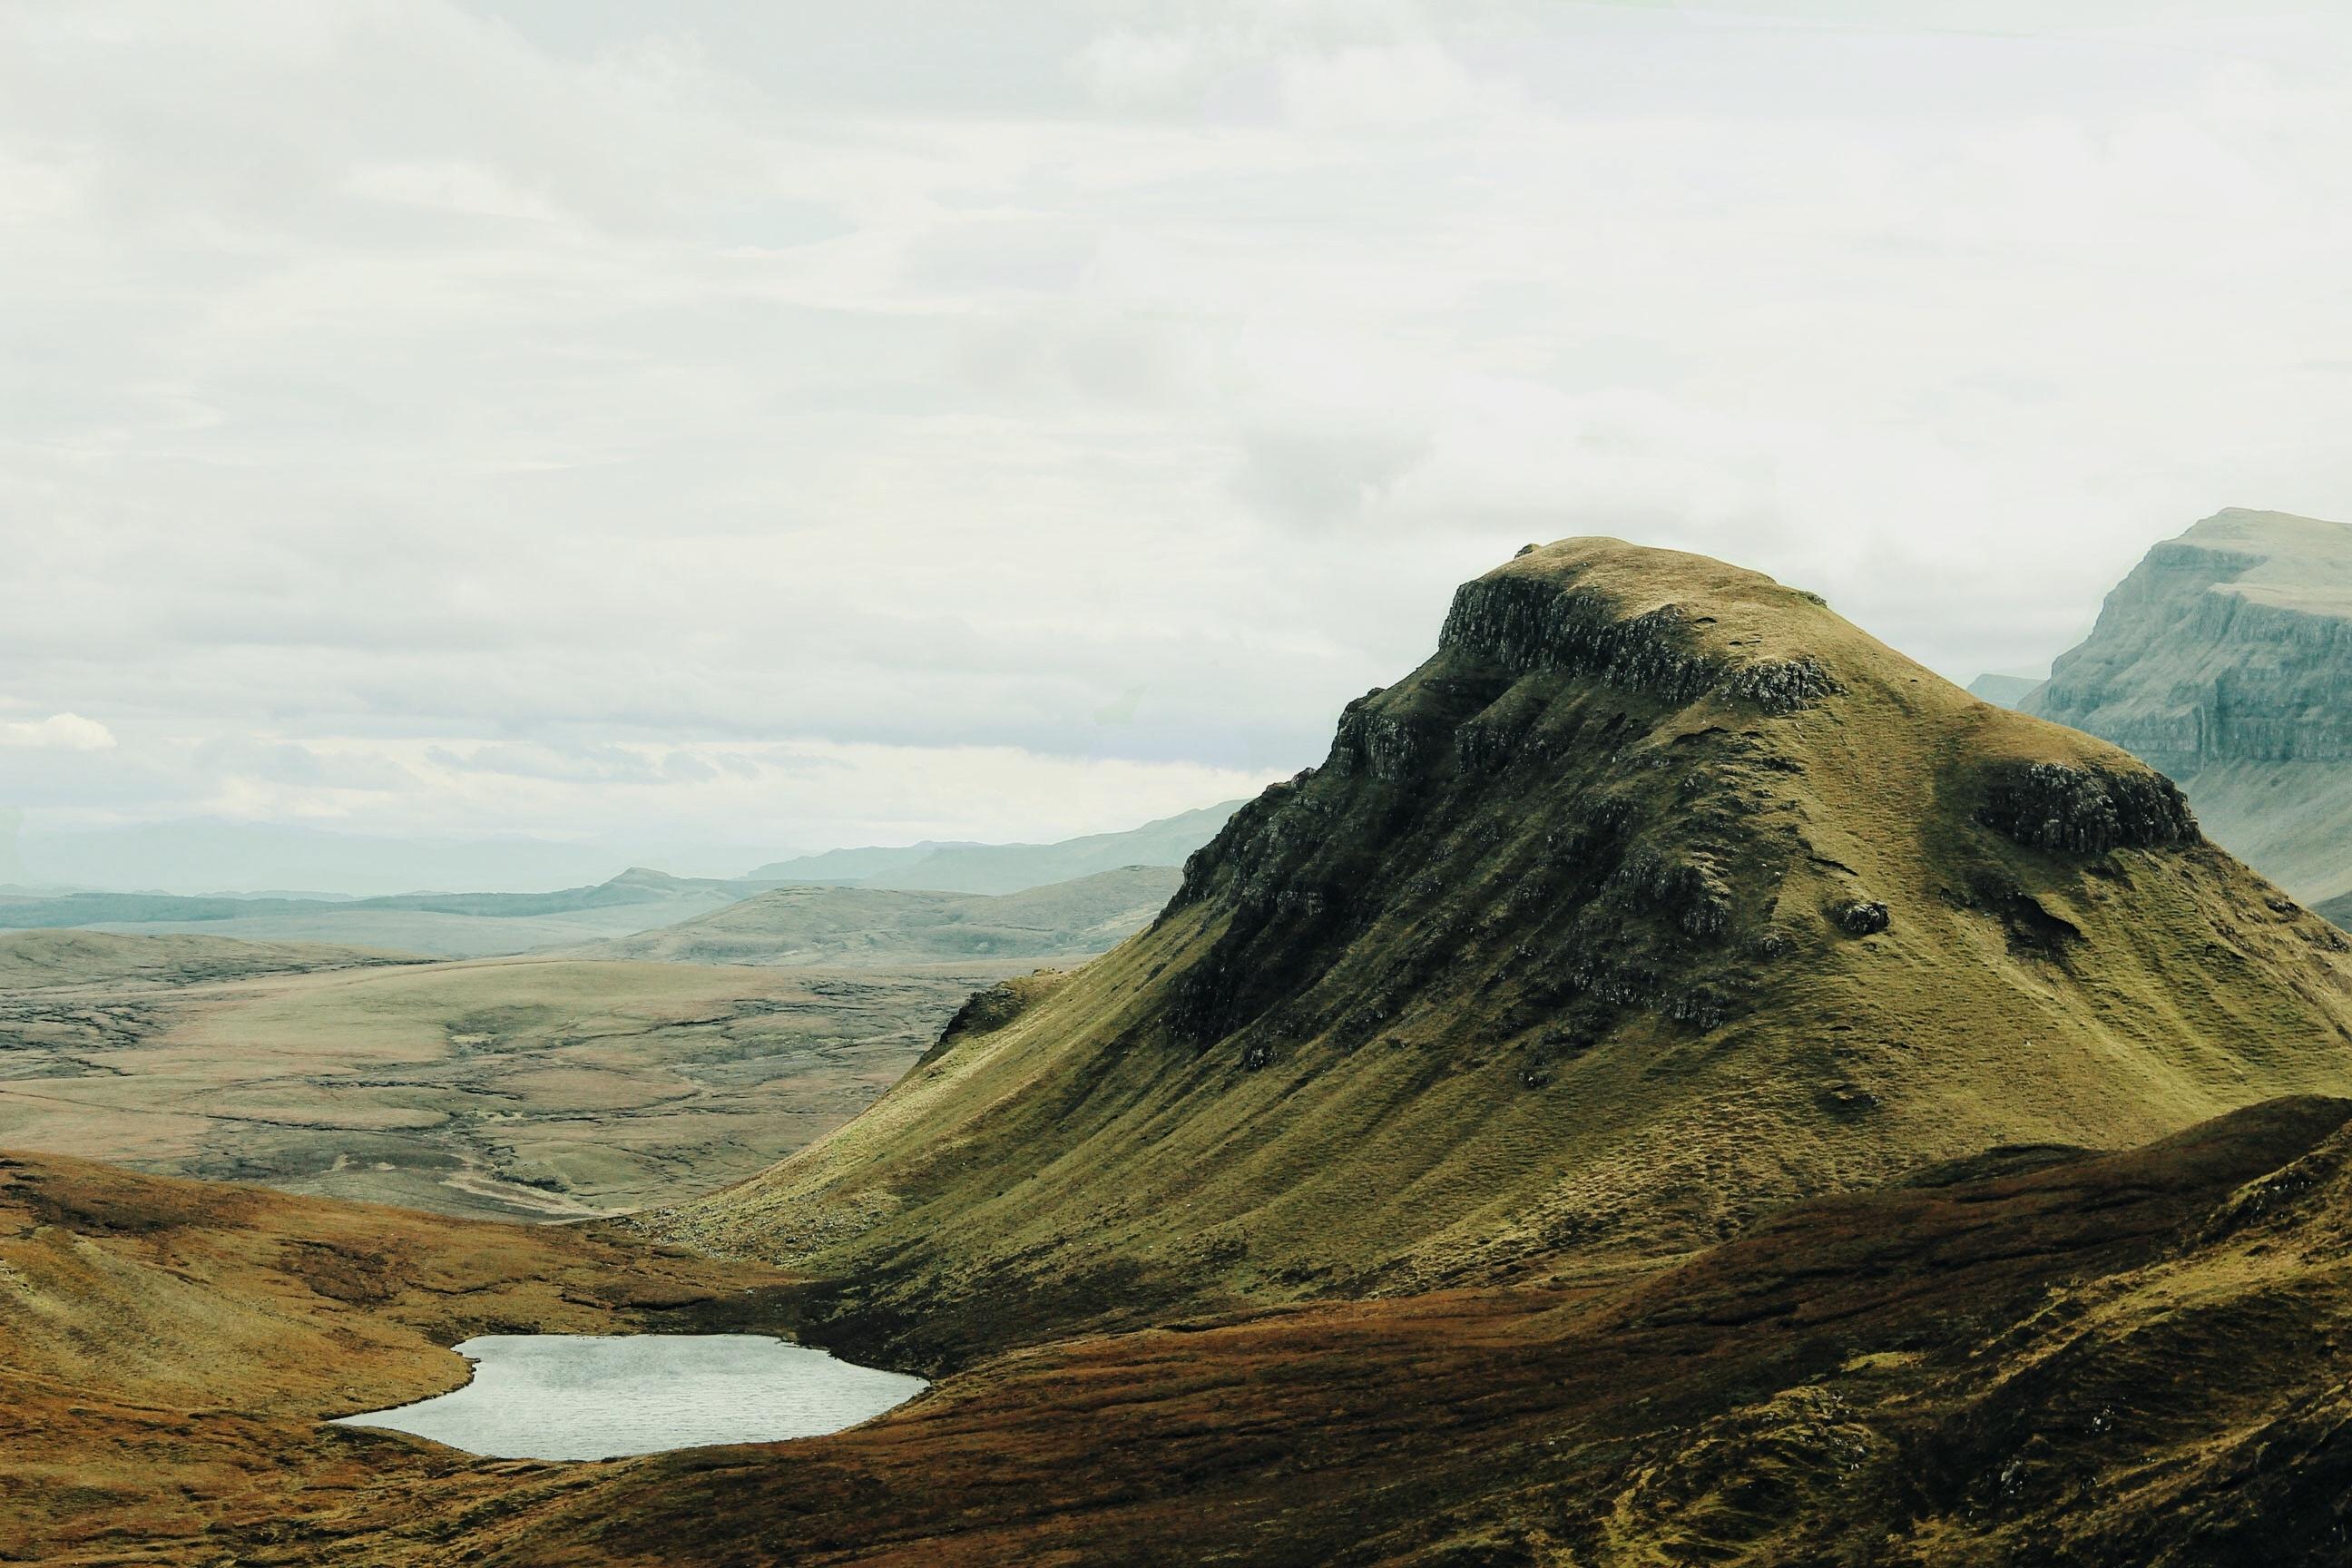 mountains next to lake